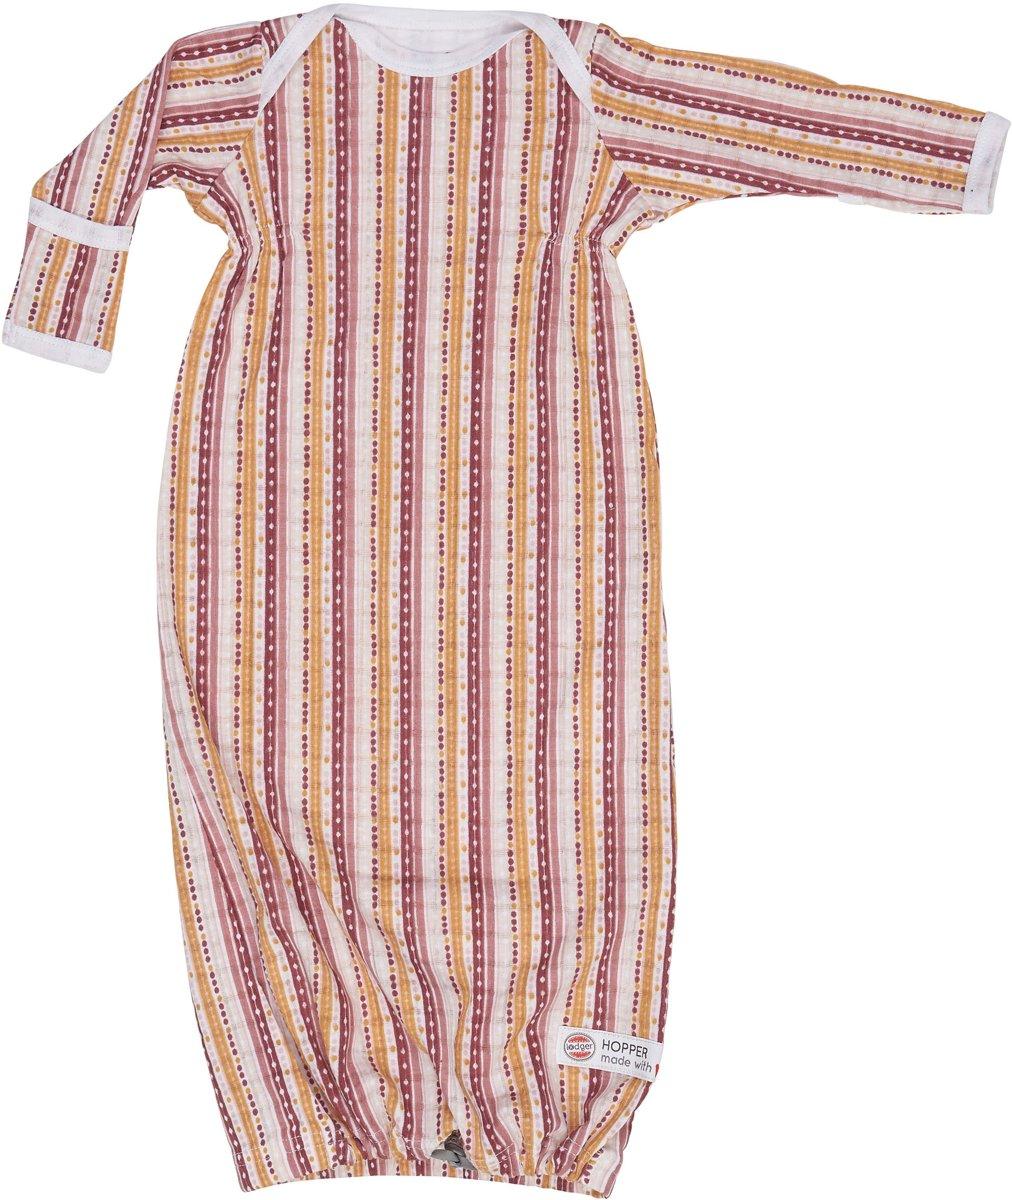 Lodger Baby slaapzak - Hopper Newborn Stripe Xandu - Donkerroze - 0-4 mnd